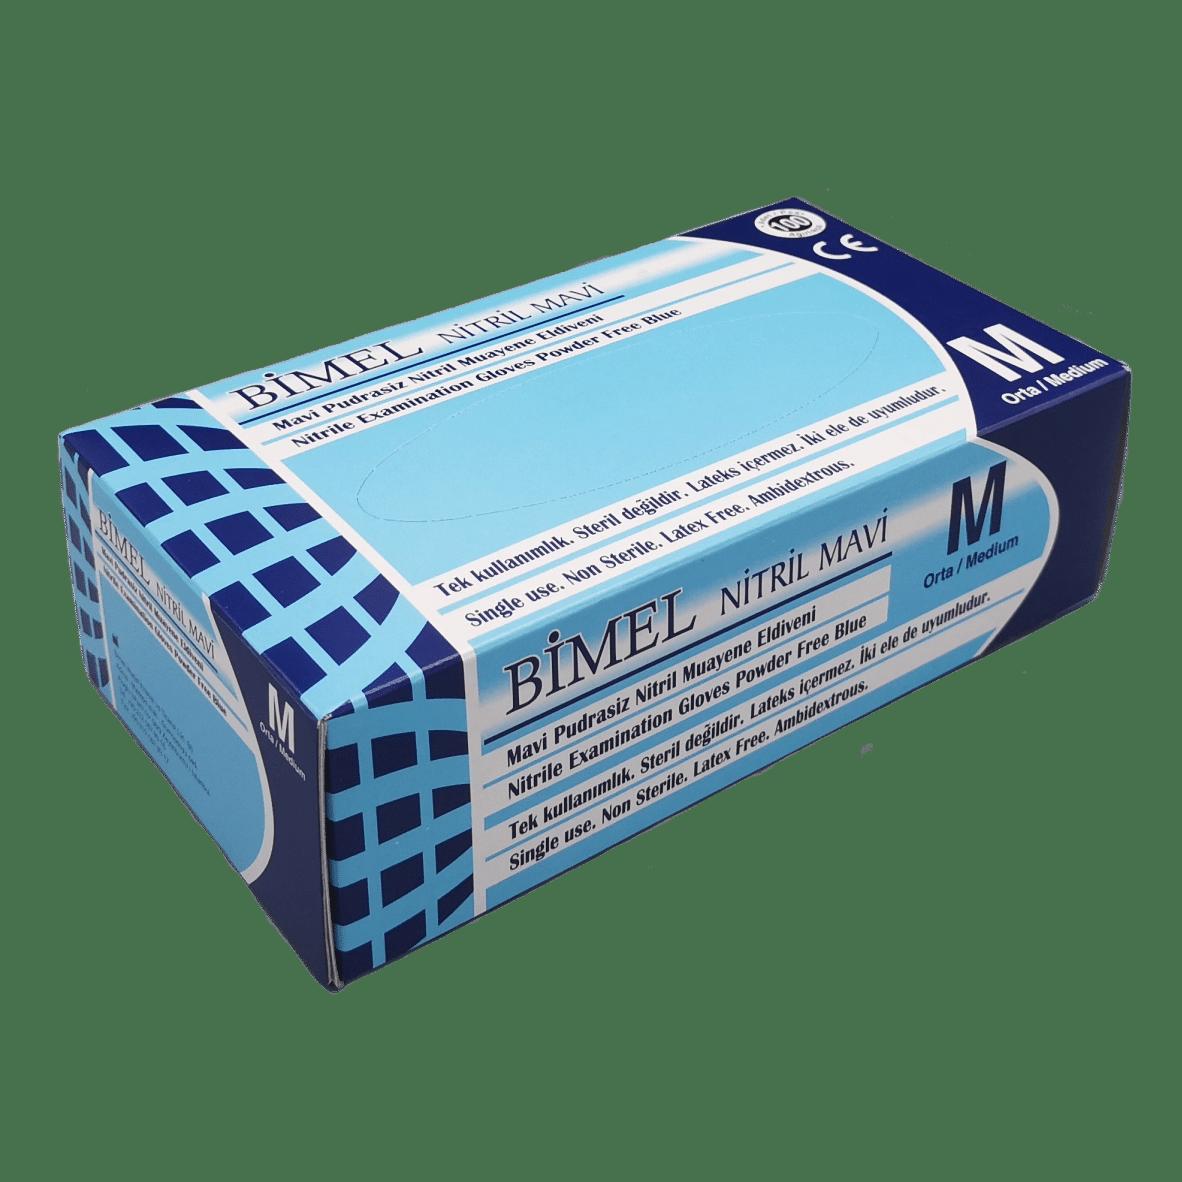 Gants Nitrile Bleus BIMEL non poudrés boîte de 100 pièces